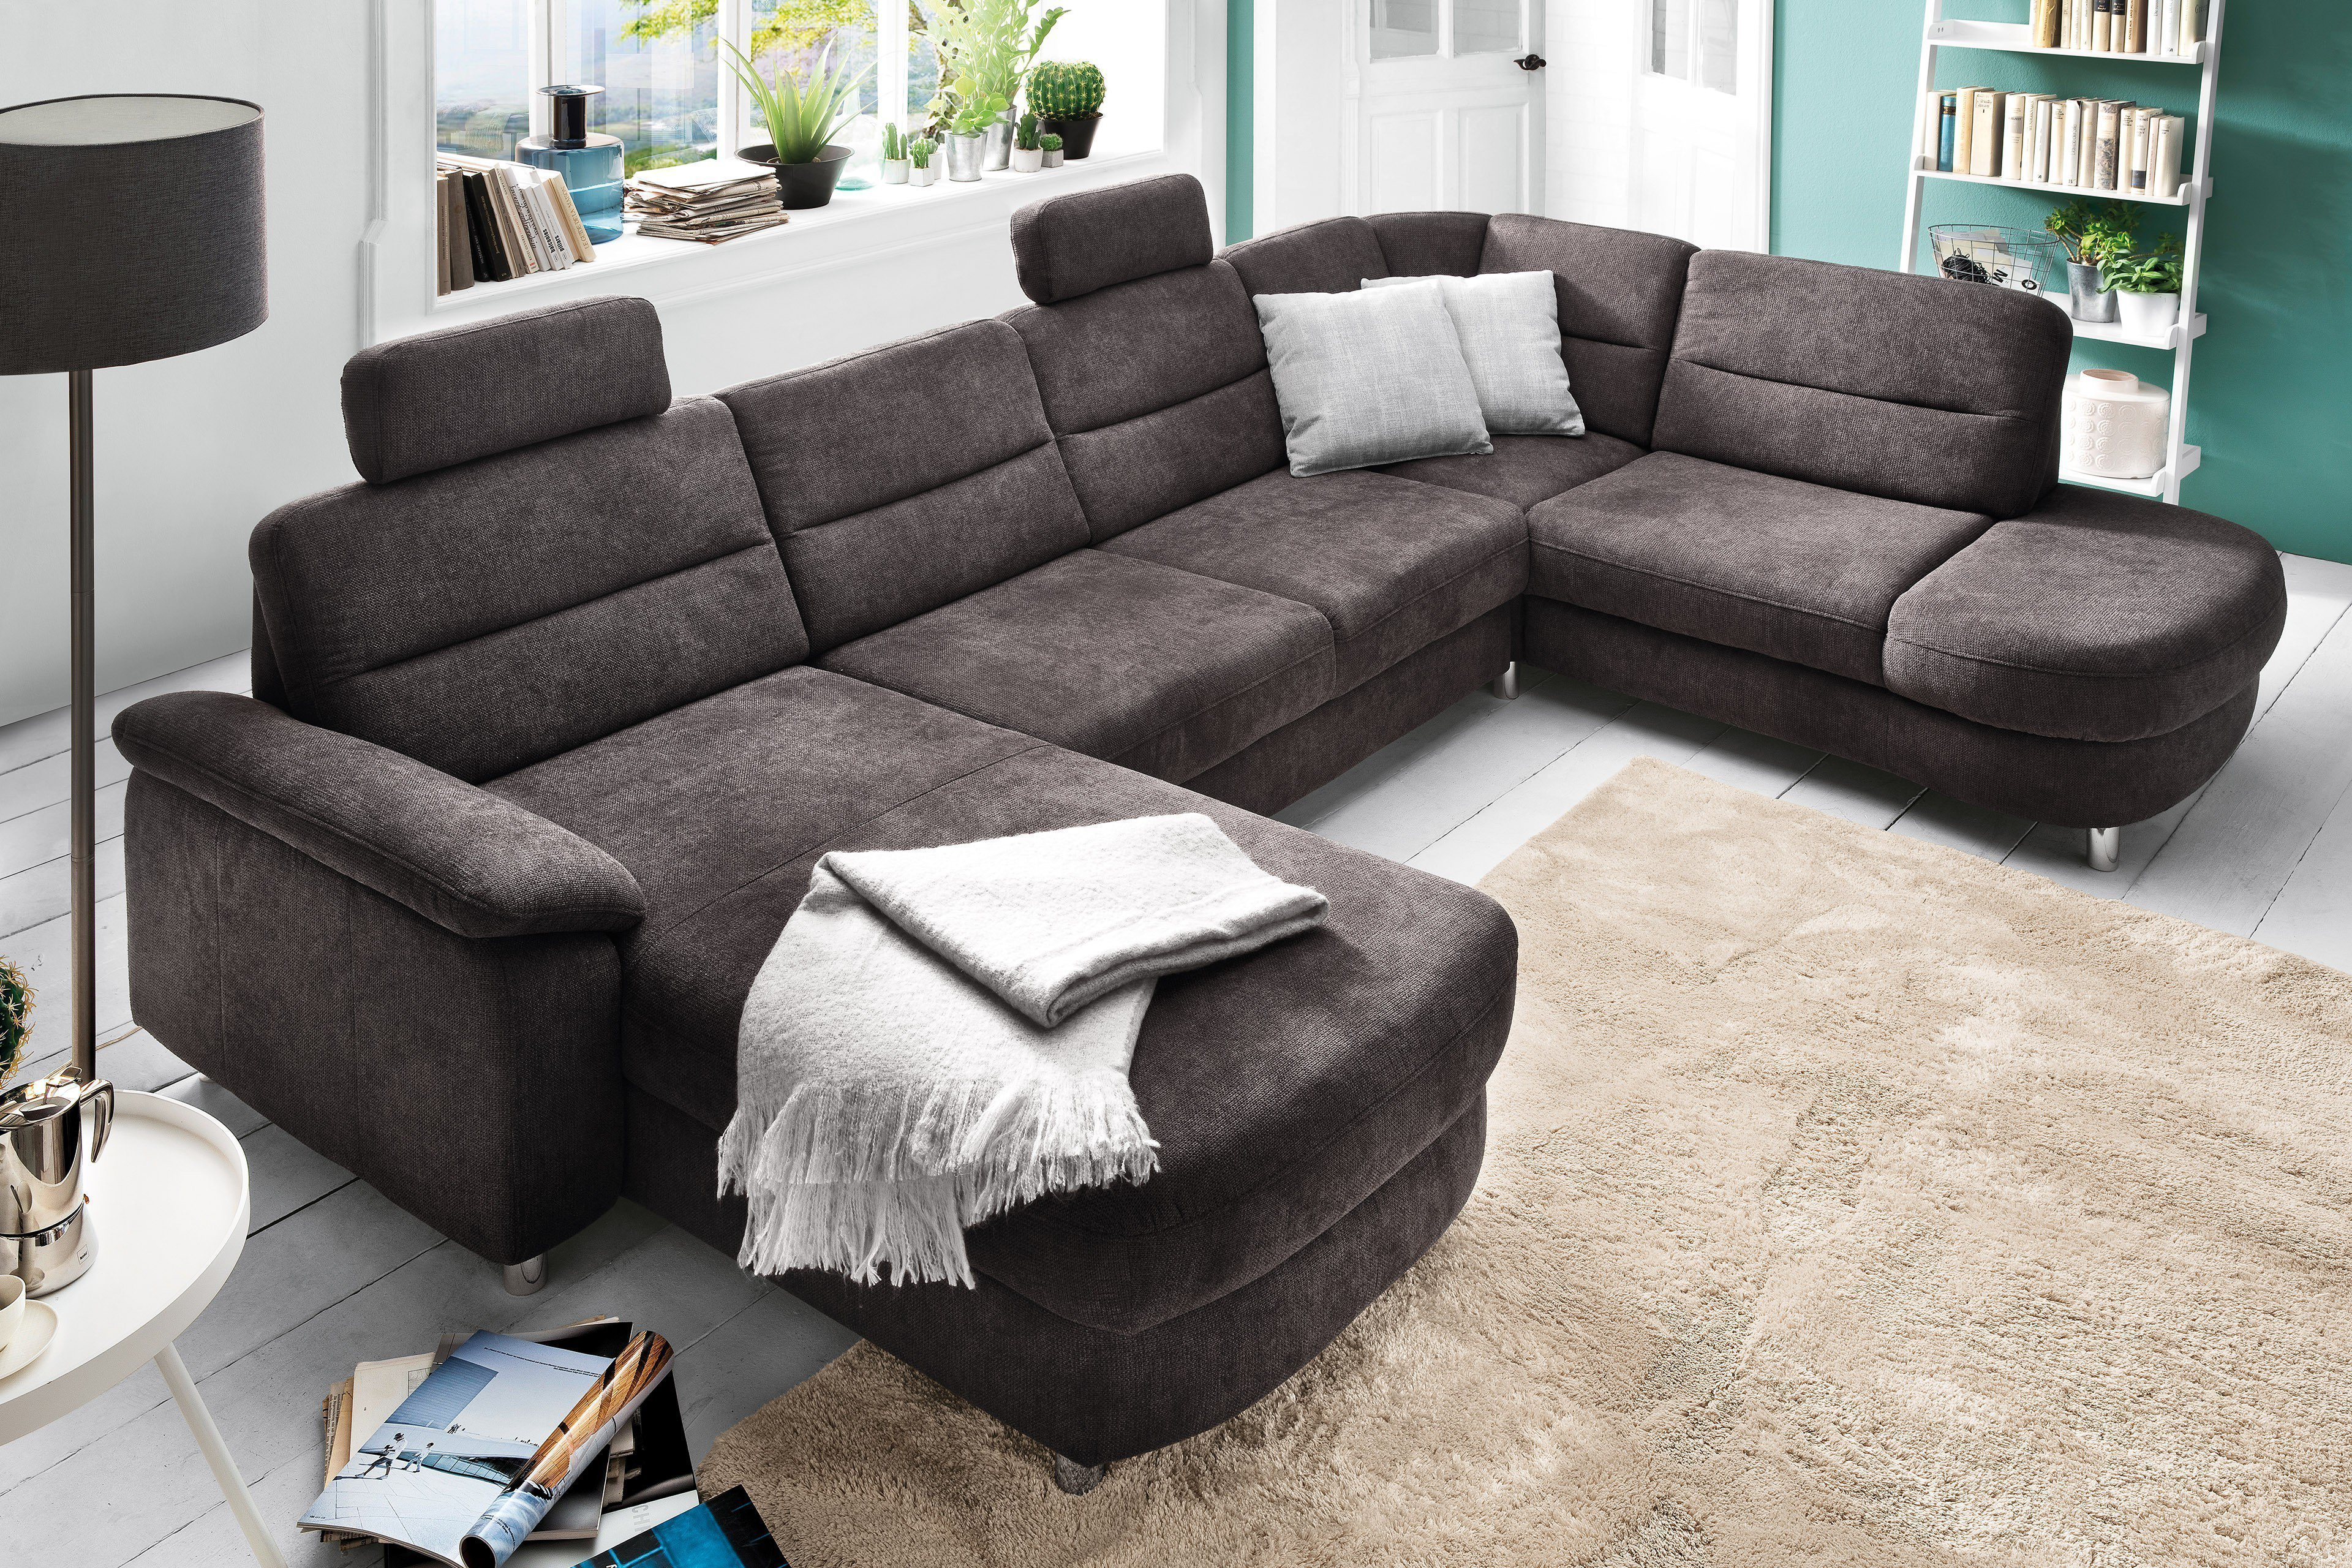 Sit More Home Basic Delano Wohnlandschaft Grau Mobel Letz Ihr